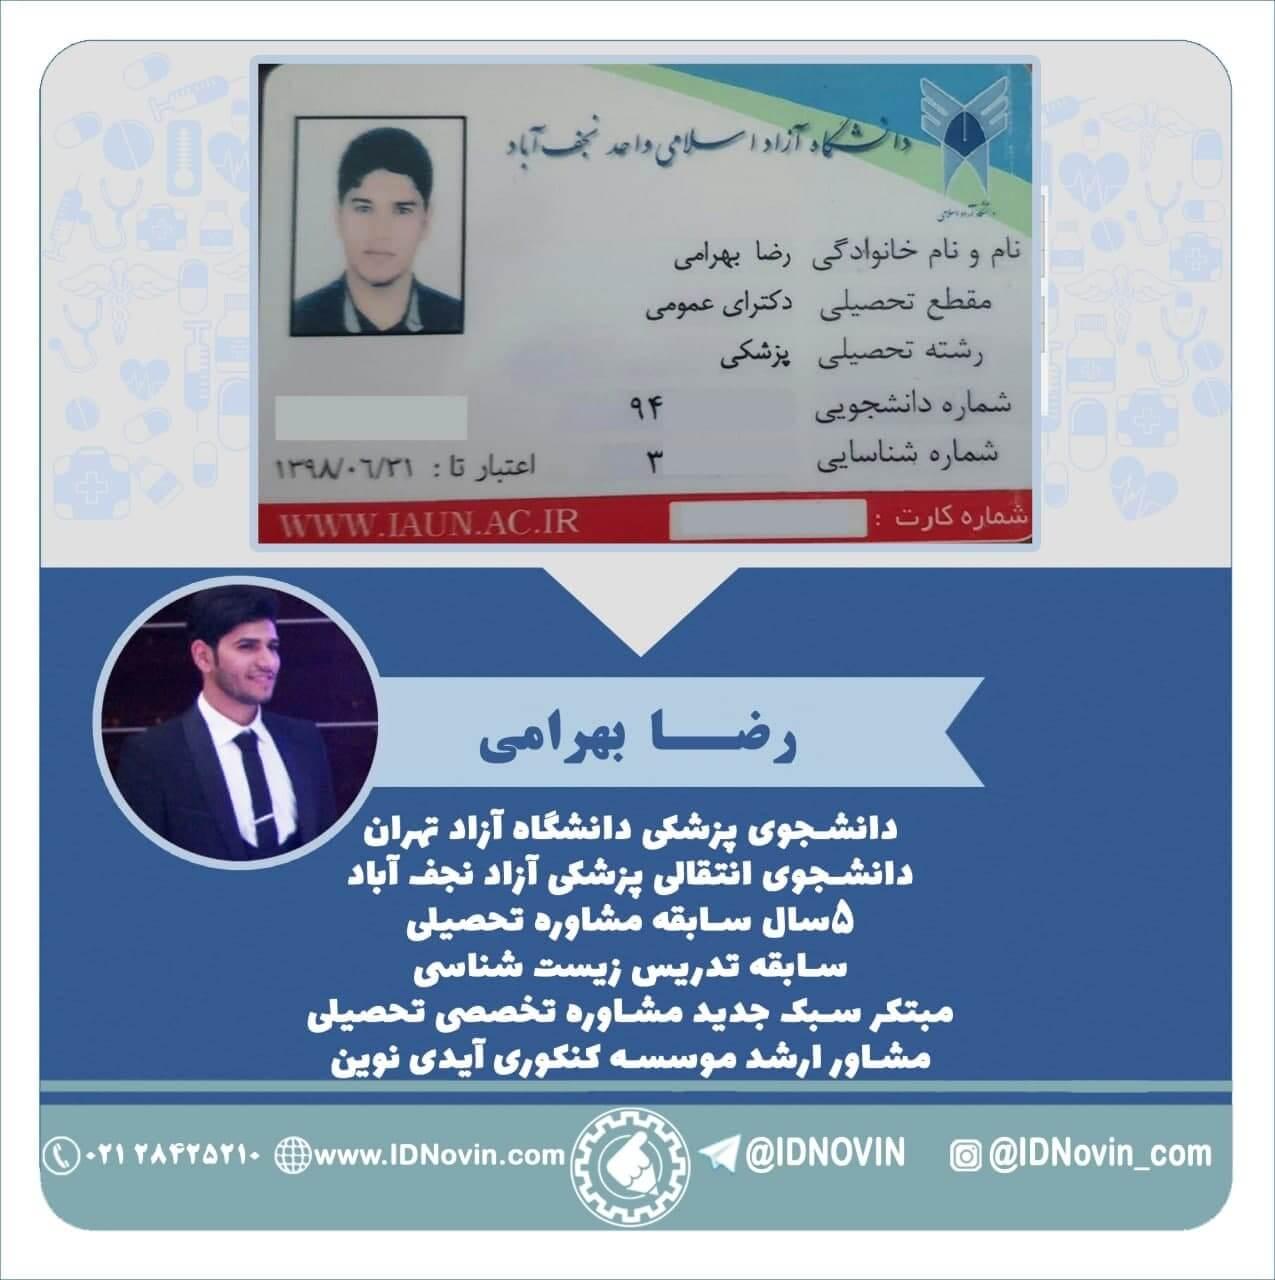 رضا بهرامی، دانشجوی پزشکی آزاد تهران و انتقالی نجف آباد